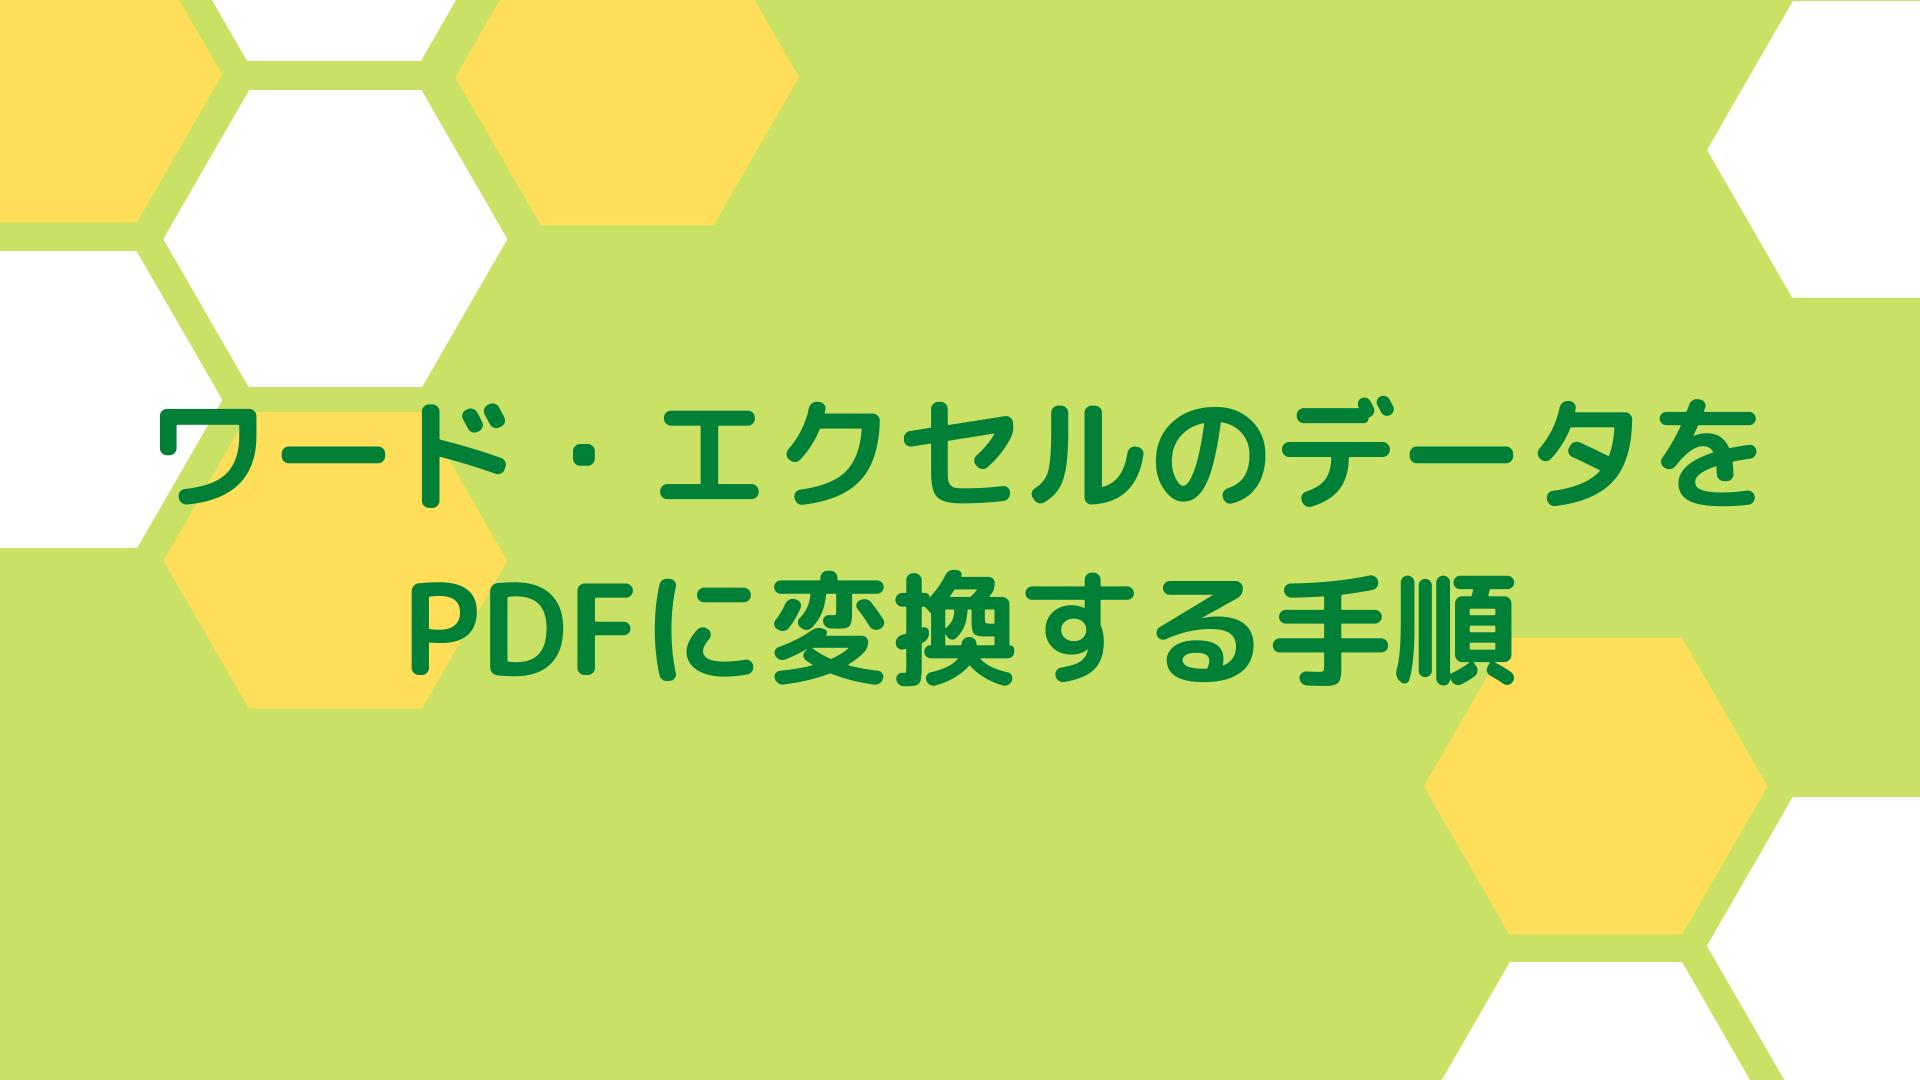 PDFに変換する方法